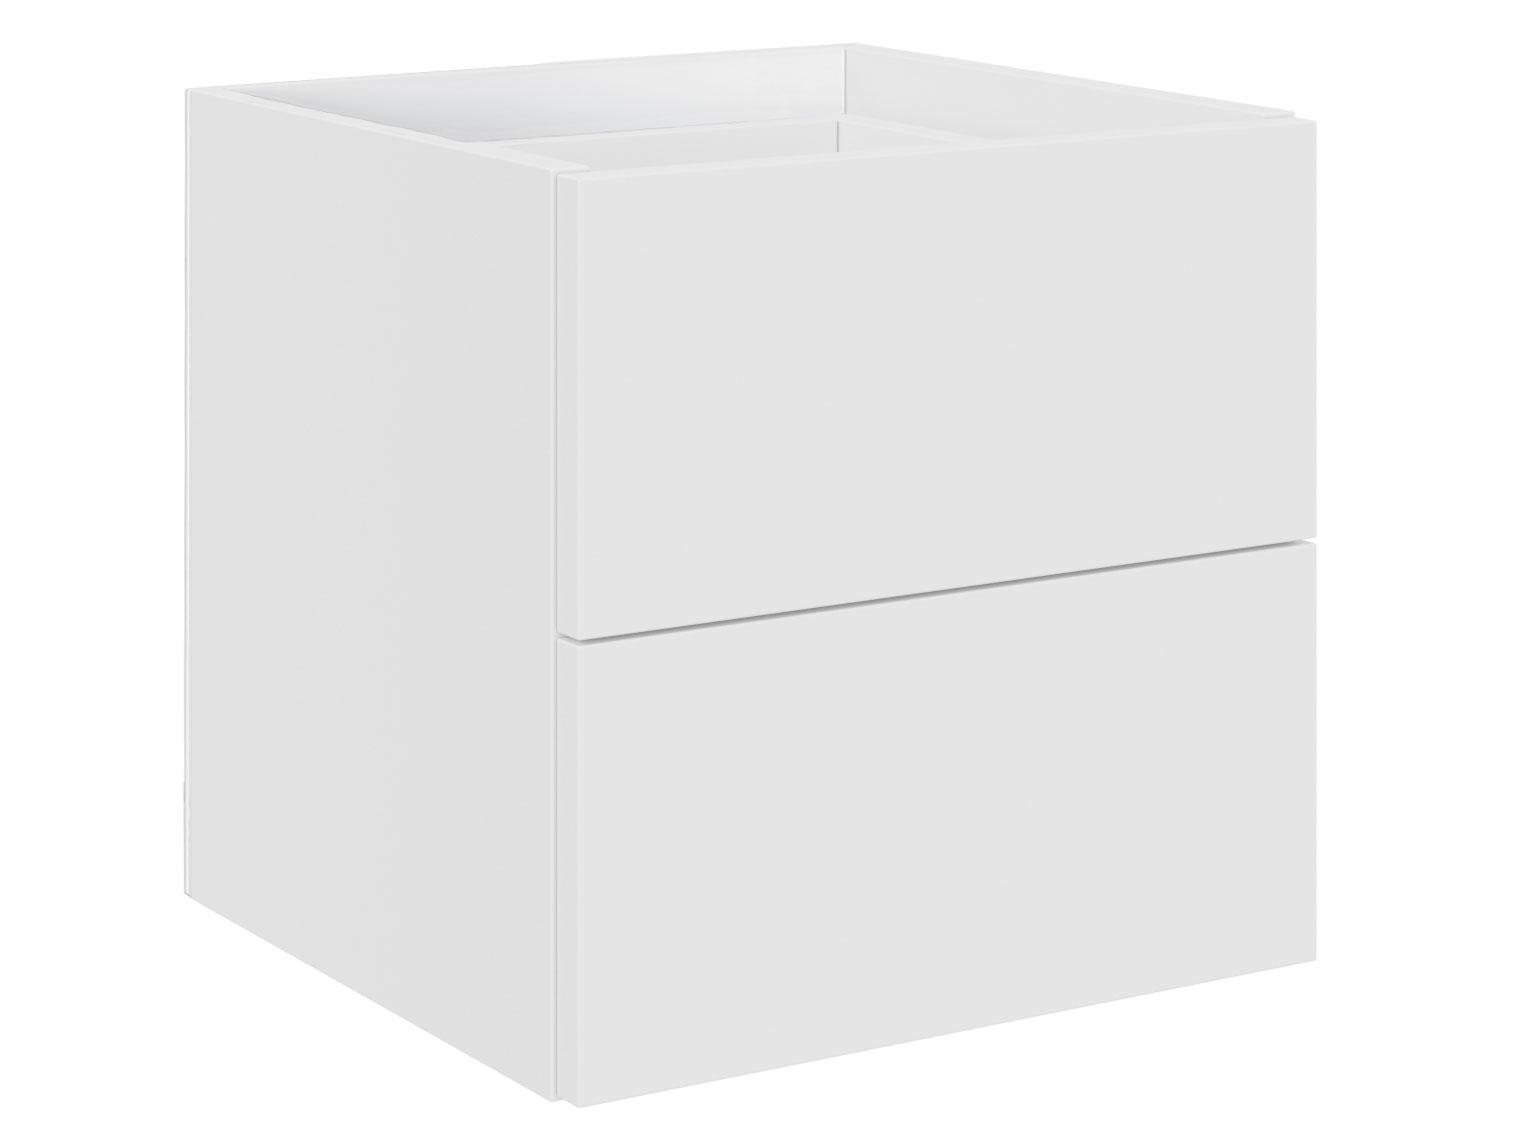 Ящик к стеллажу 150-112265